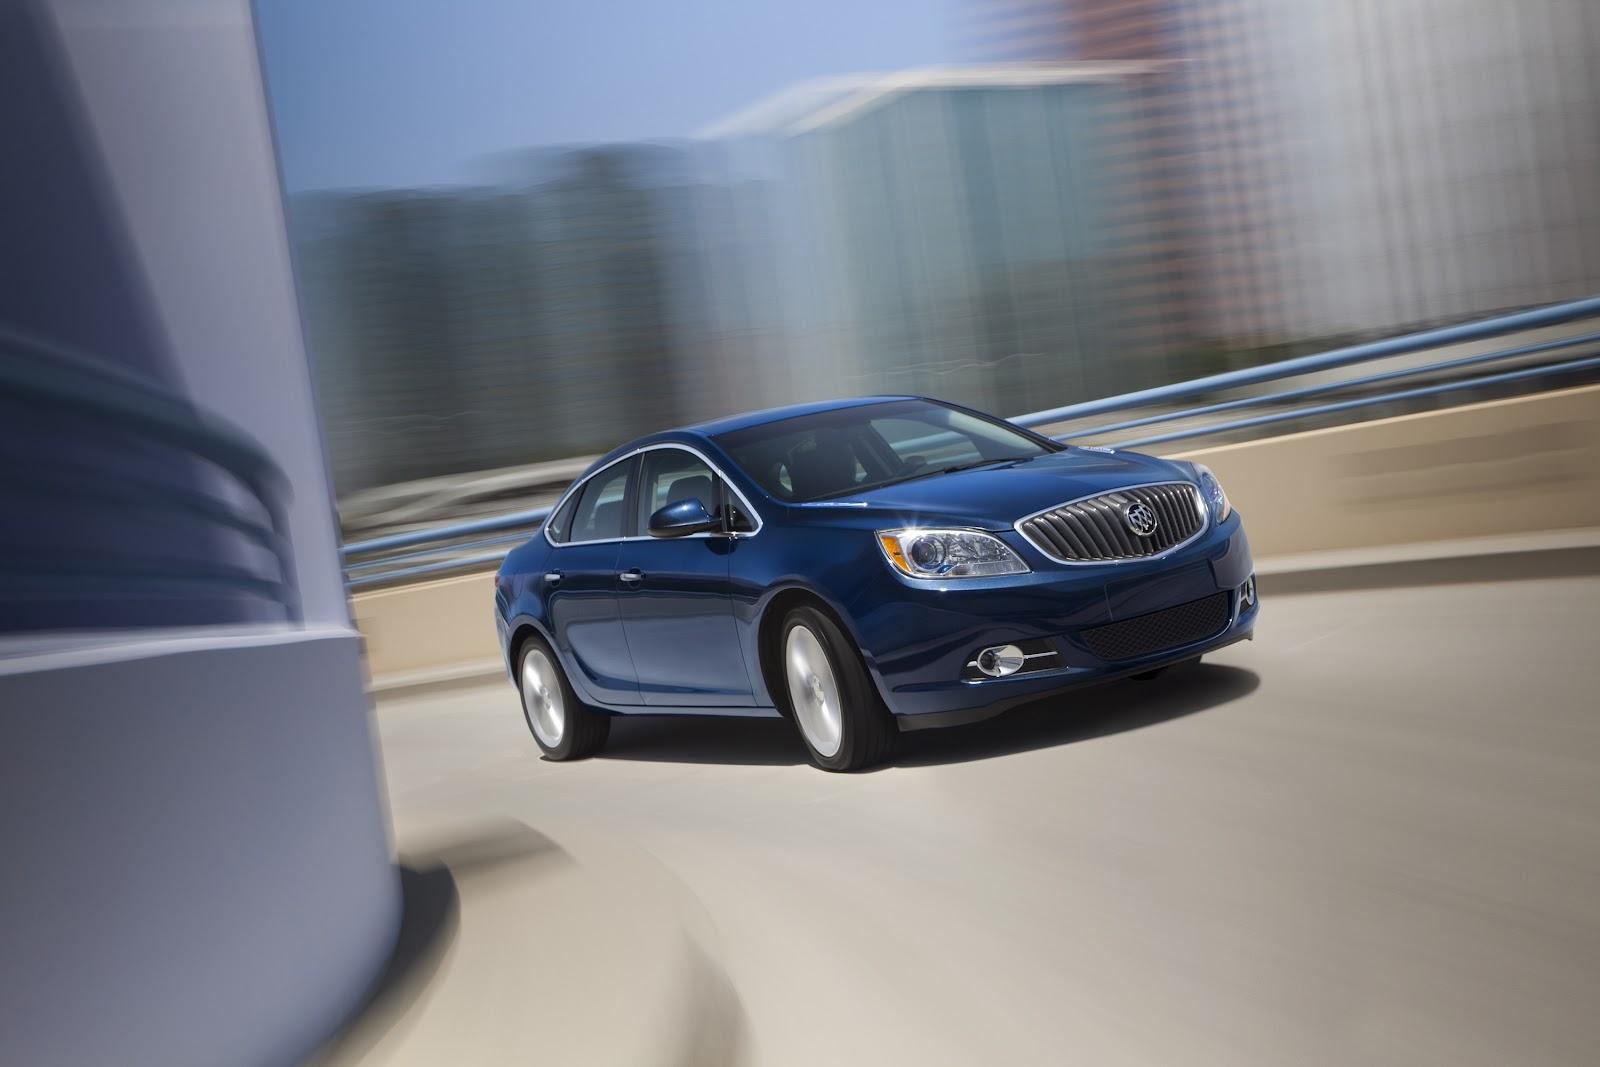 2010 - [Buick] Verano / Excelle - Page 3 2013+Buick+Verano+Turbo+6